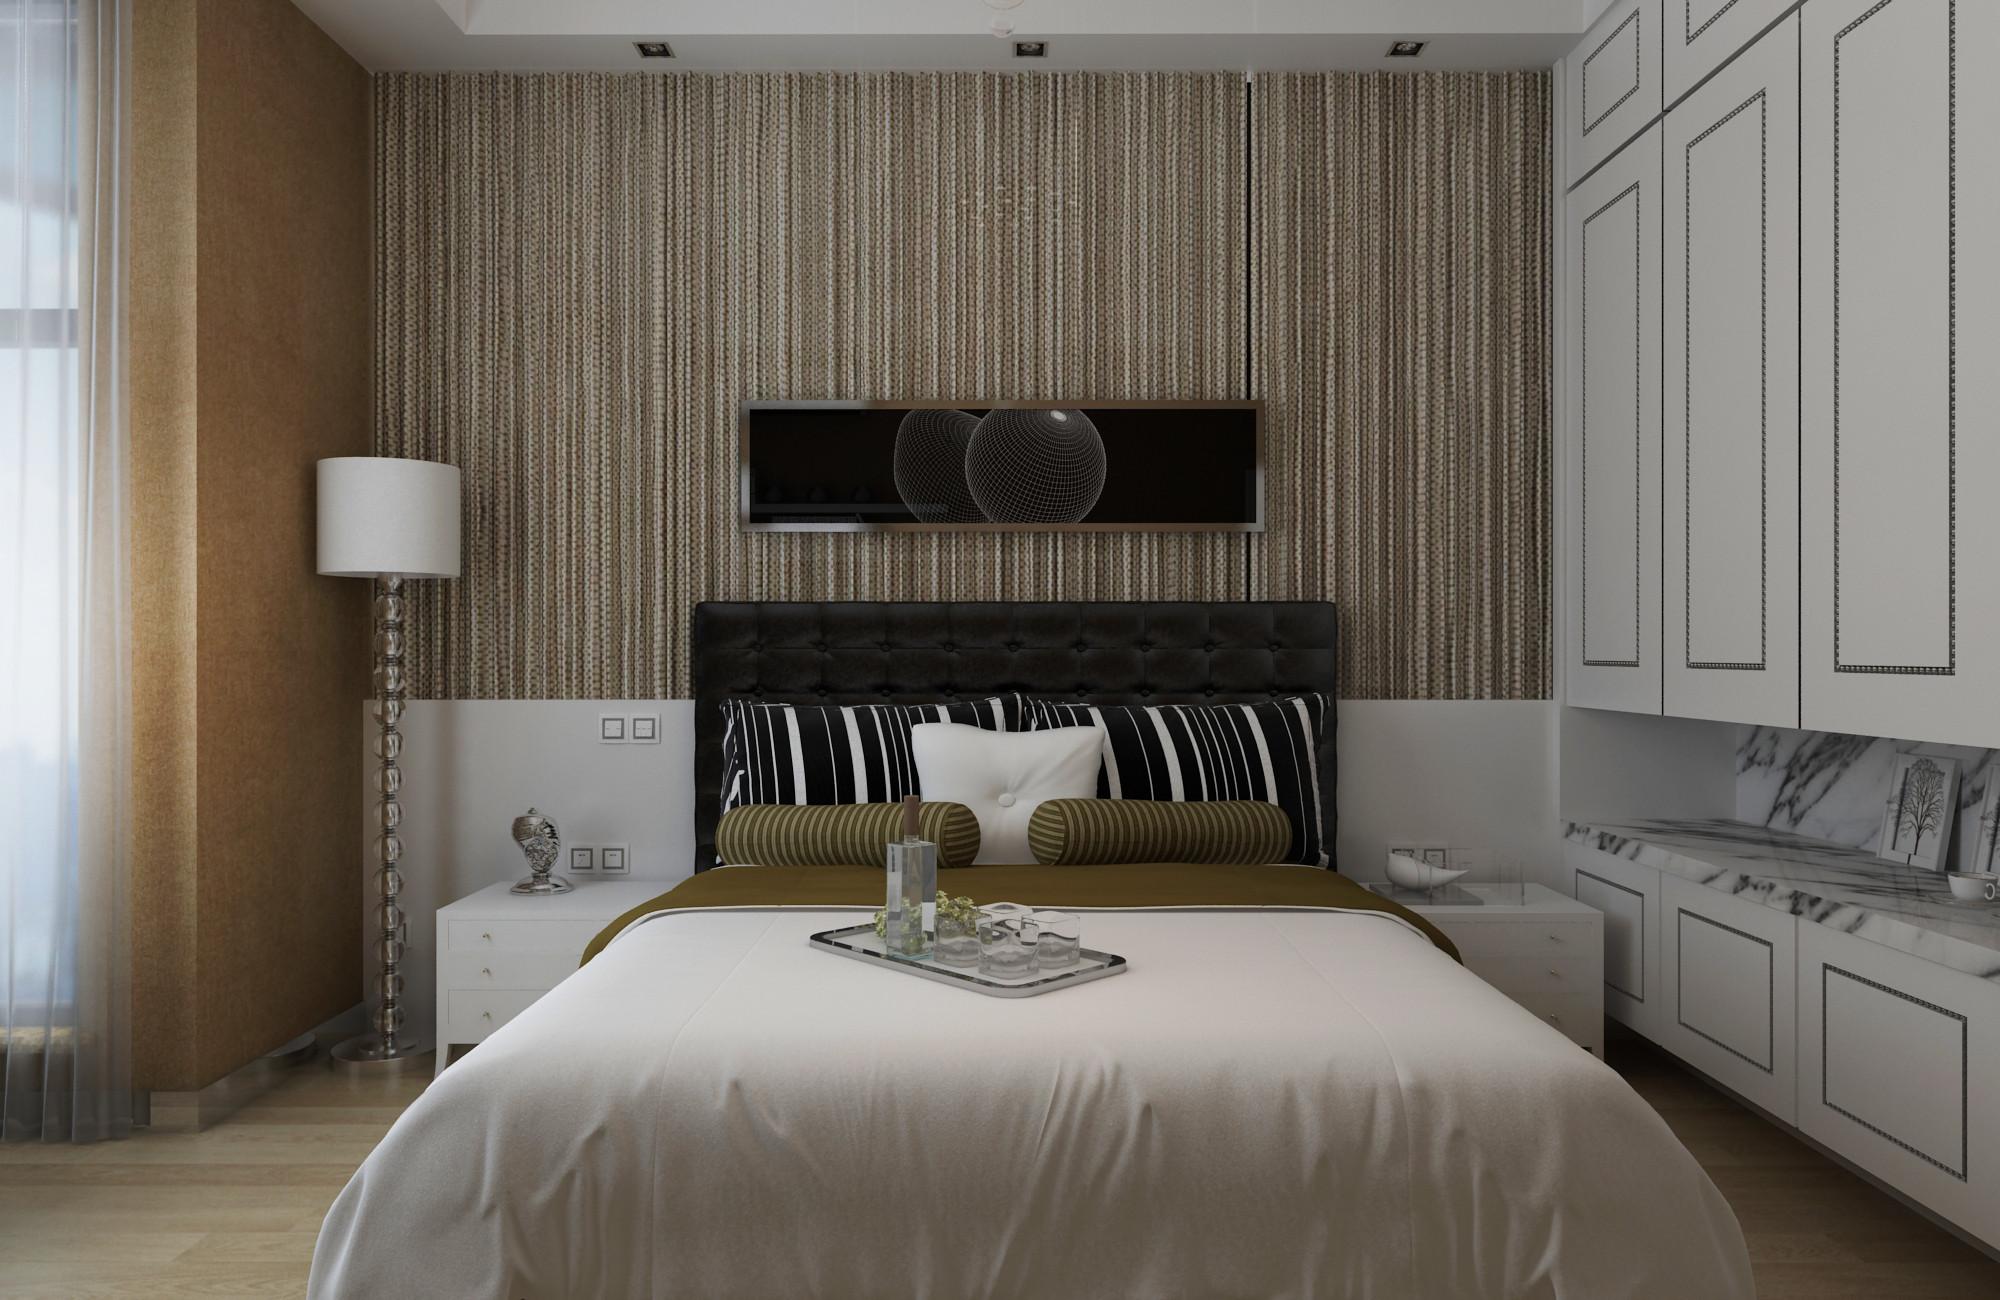 现代简约装修床头背景墙图片